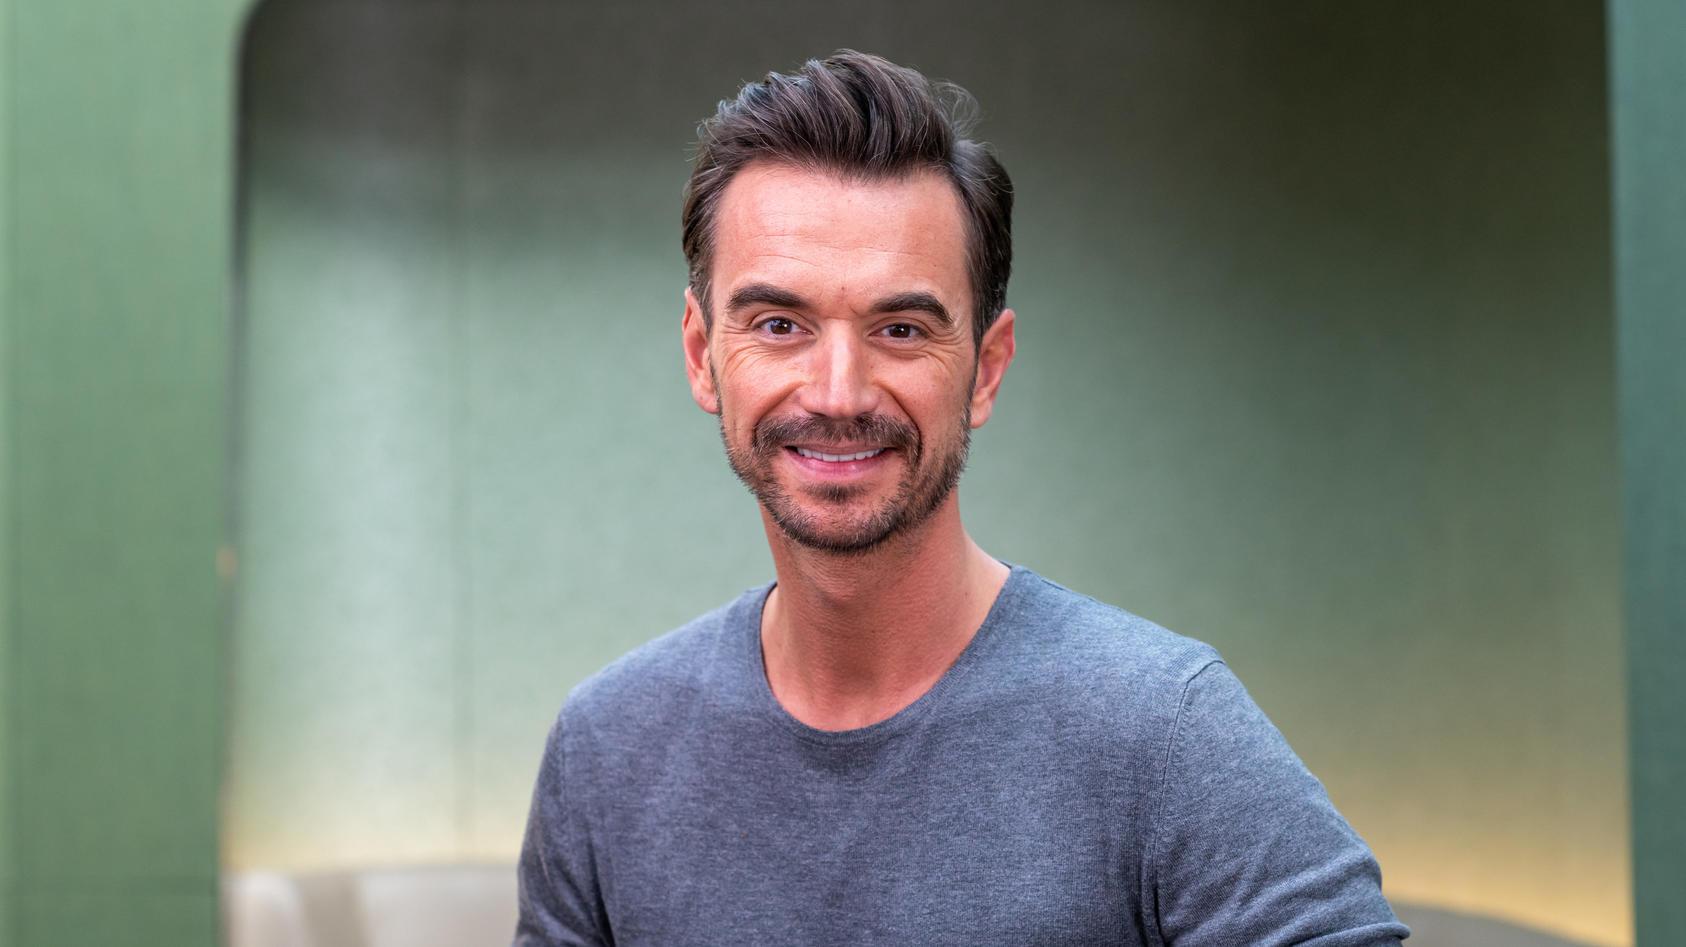 Florian Silbereisen startet auch im Netz groß durch.